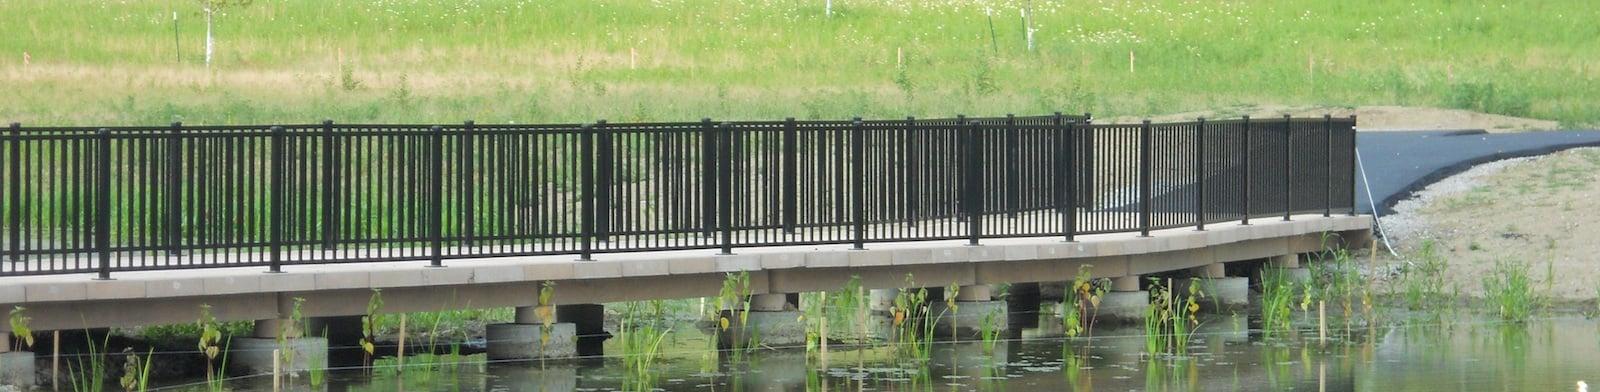 Beckett Park Boardwalk West Chester OH